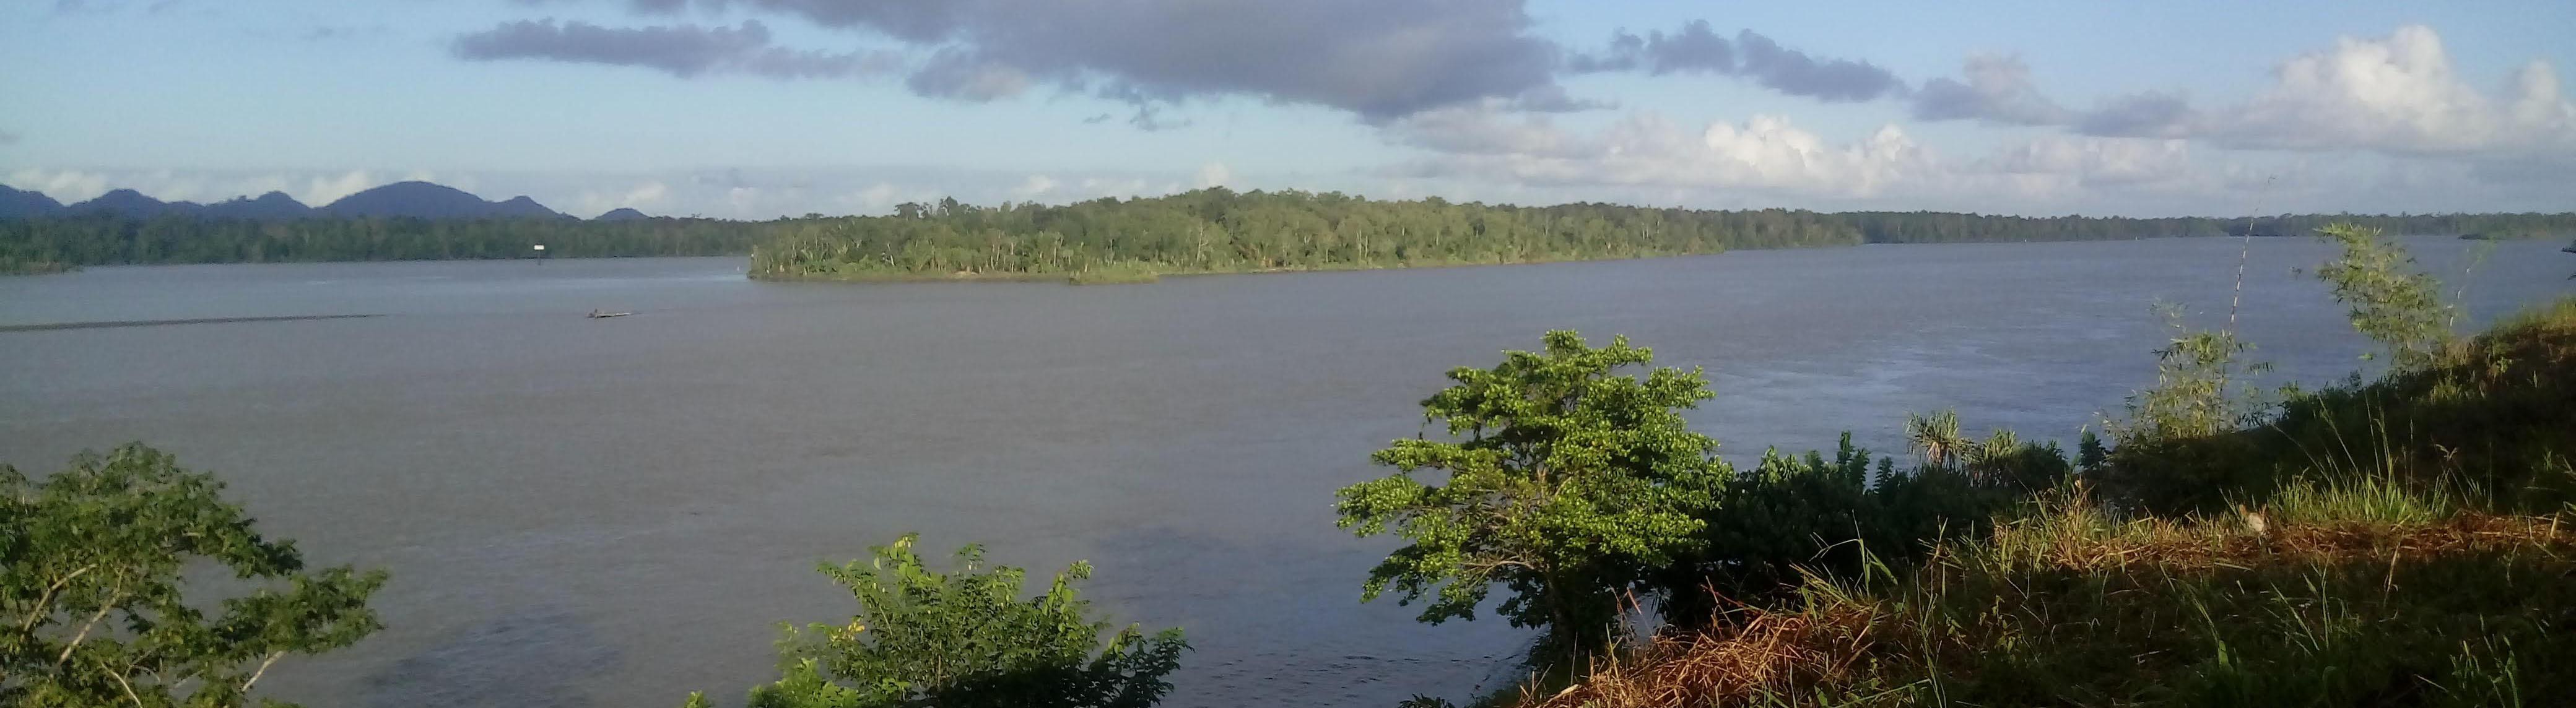 Kikori Fluss